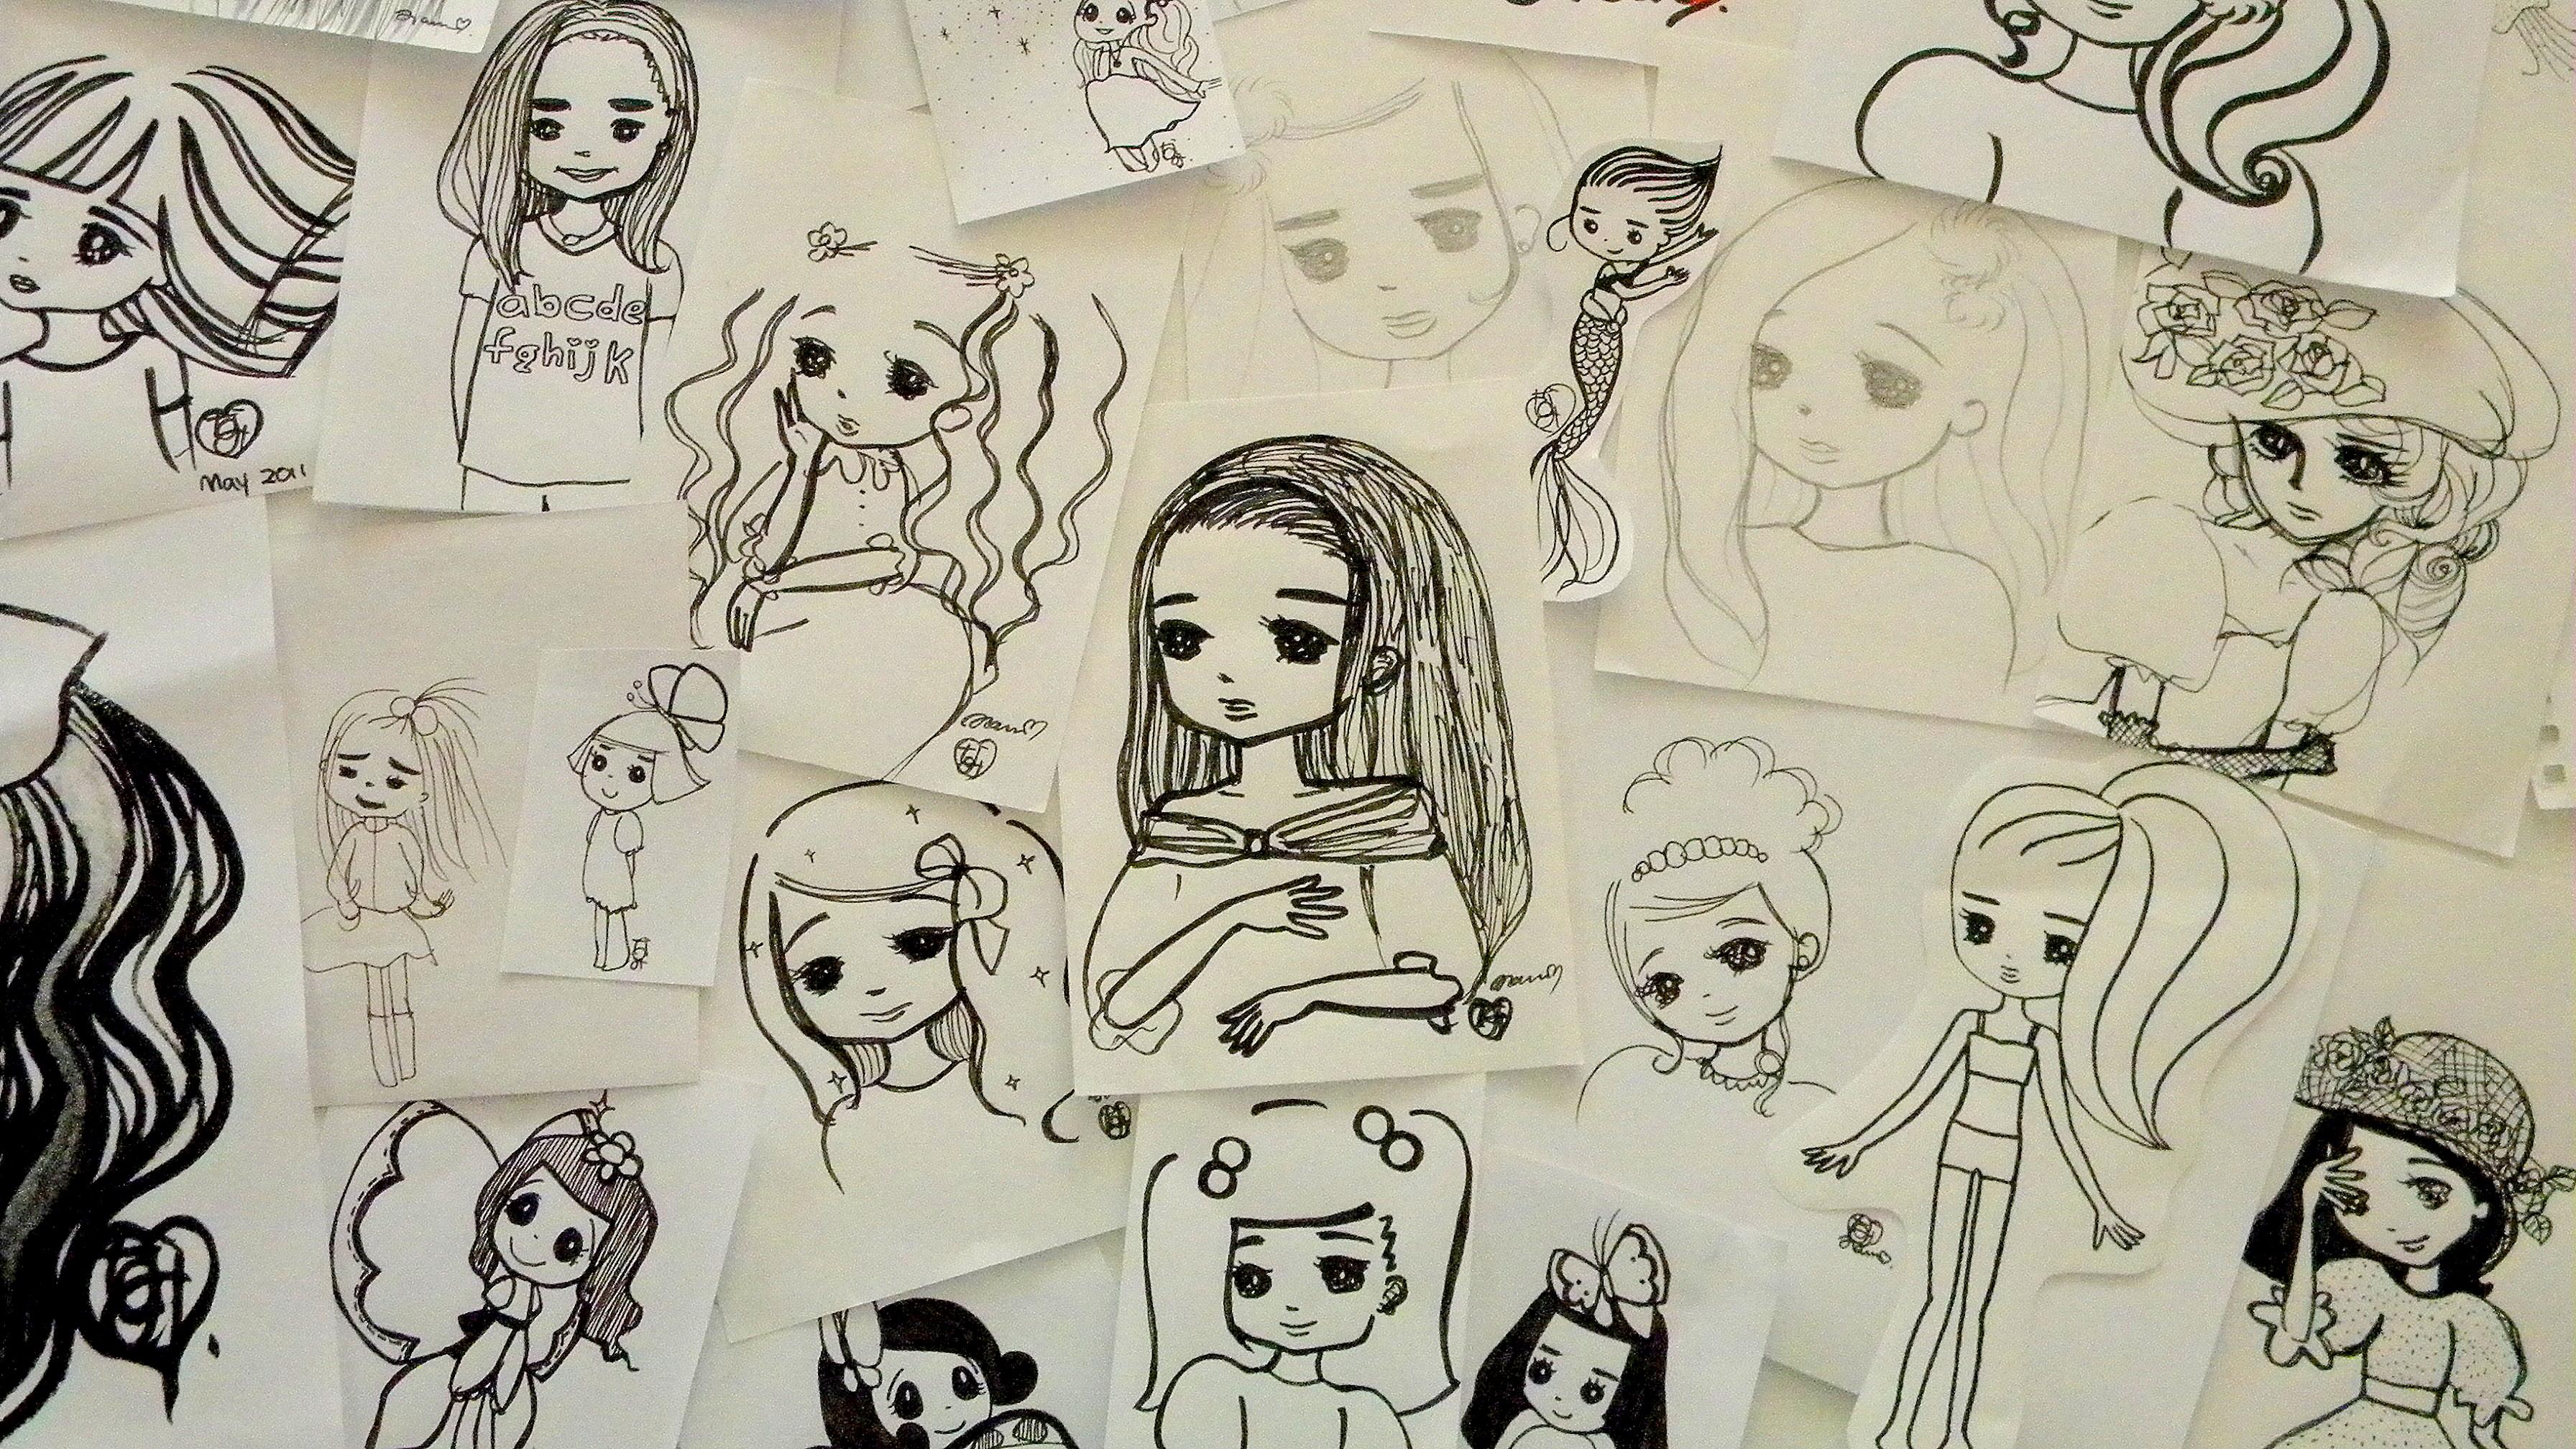 Manga and Anime page